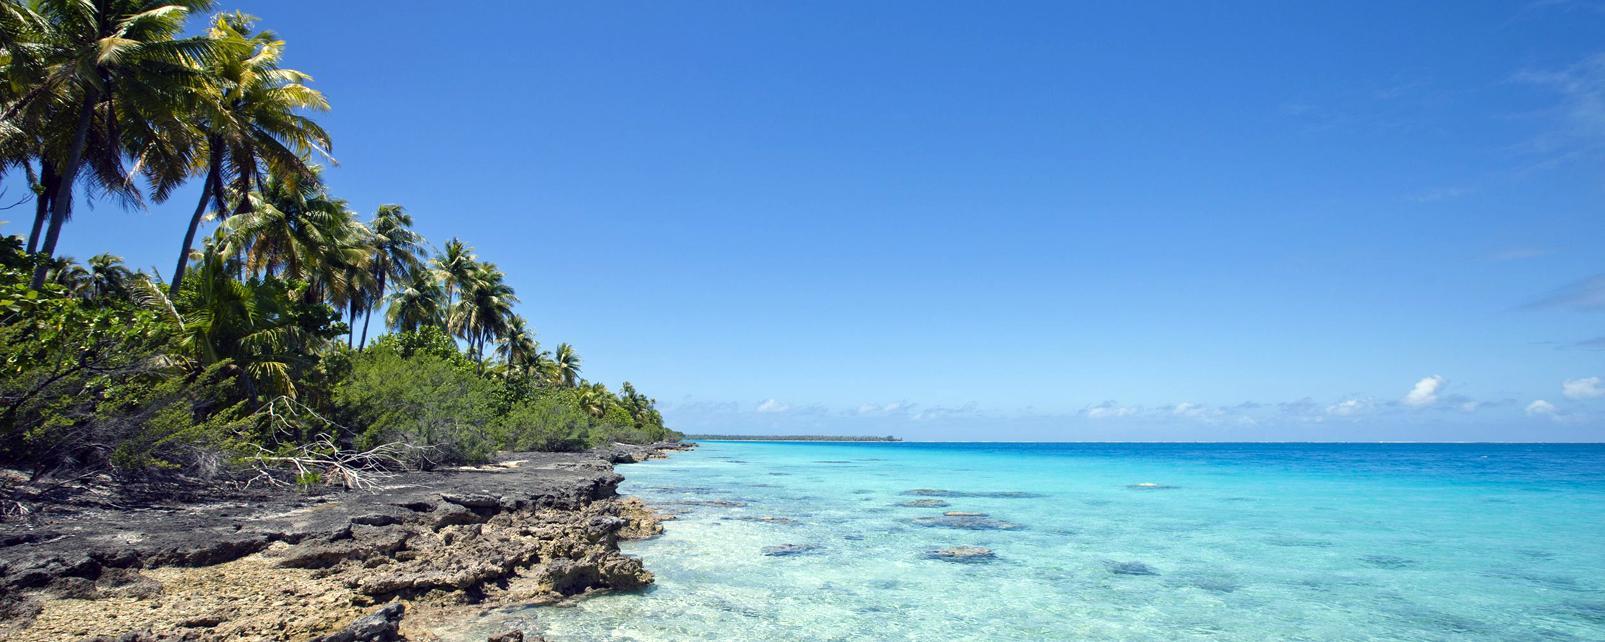 Océan Pacifique; Nouvelle-Calédonie; Koné;